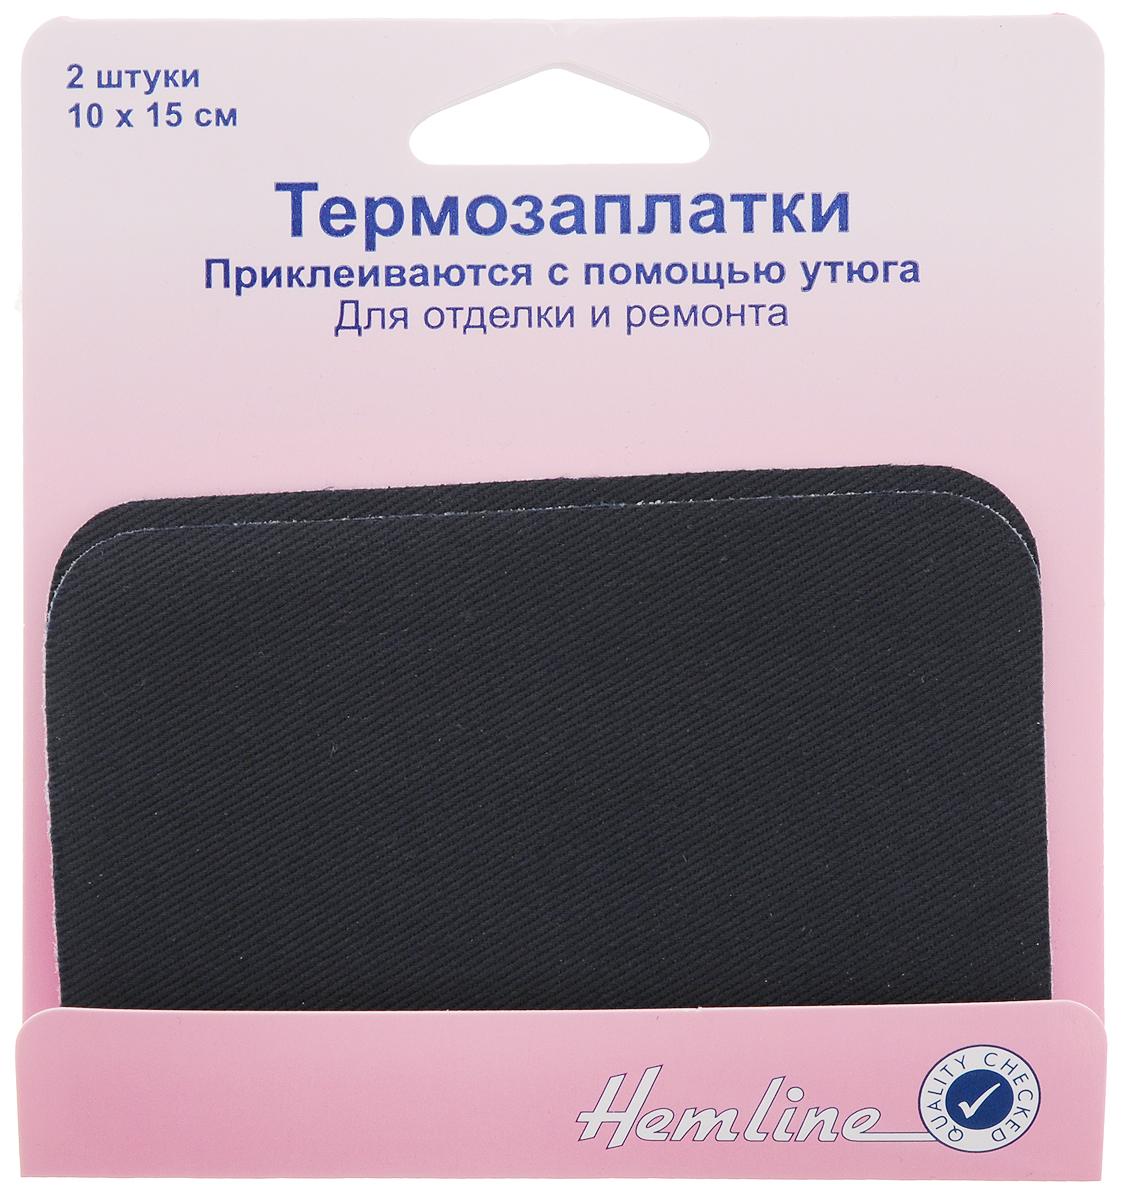 Термозаплатка Hemline, цвет: темно-синий, 10 х 15 см, 2 шт690.NТермозаплатки Hemline применяются для отделки и ремонта предметов одежды, домашнего текстиля и аксессуаров. Не предназначены для пластика, нейлона, вискозы. Термозаплатки изготовлены из поликоттона (хлопок/полиэстер). Прикрепляется с помощью утюга.